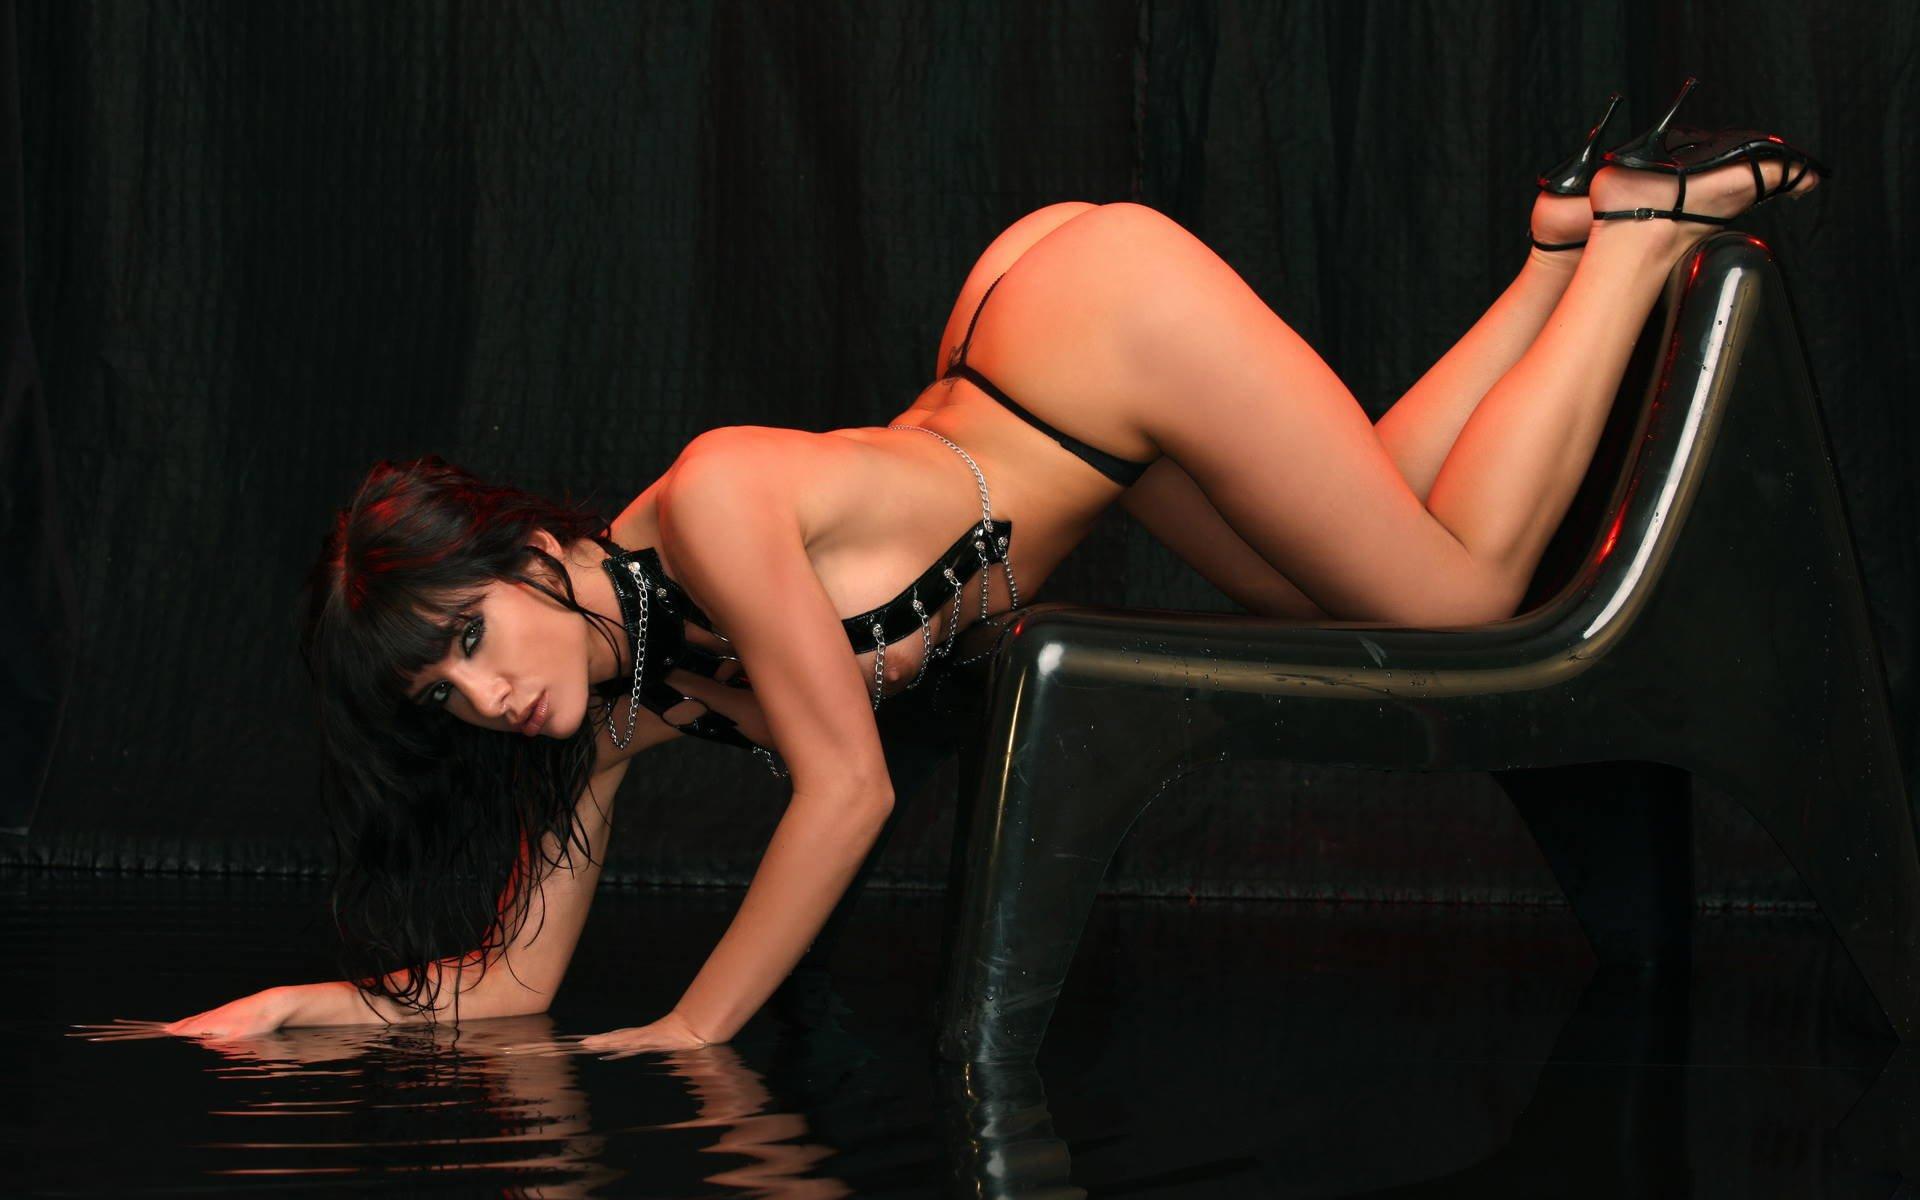 nayti-eroticheskie-oboi